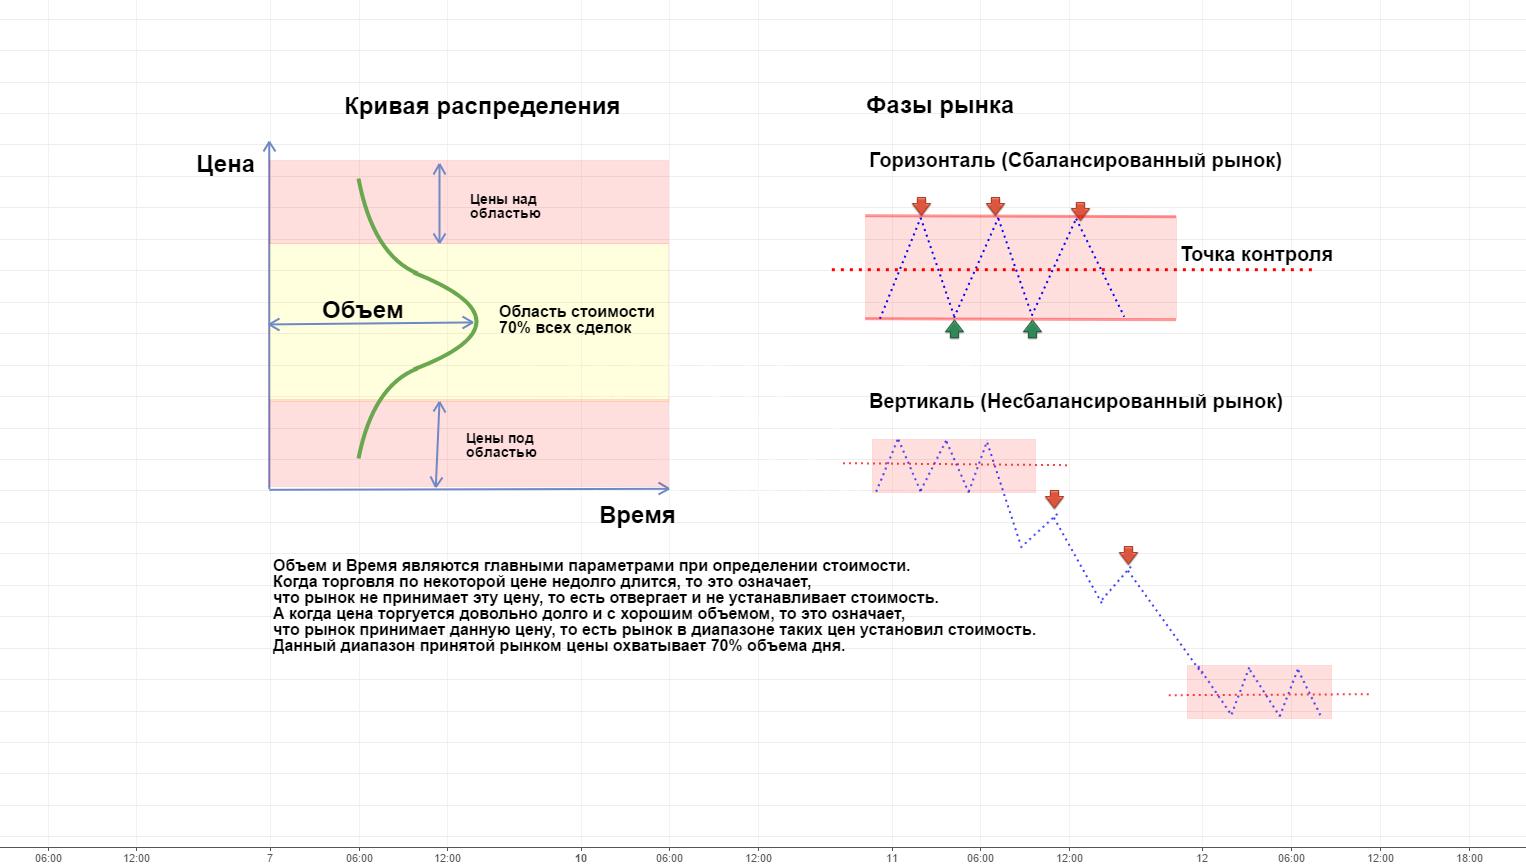 Профиль рынка и объемы – эффективные методы анализа графиков